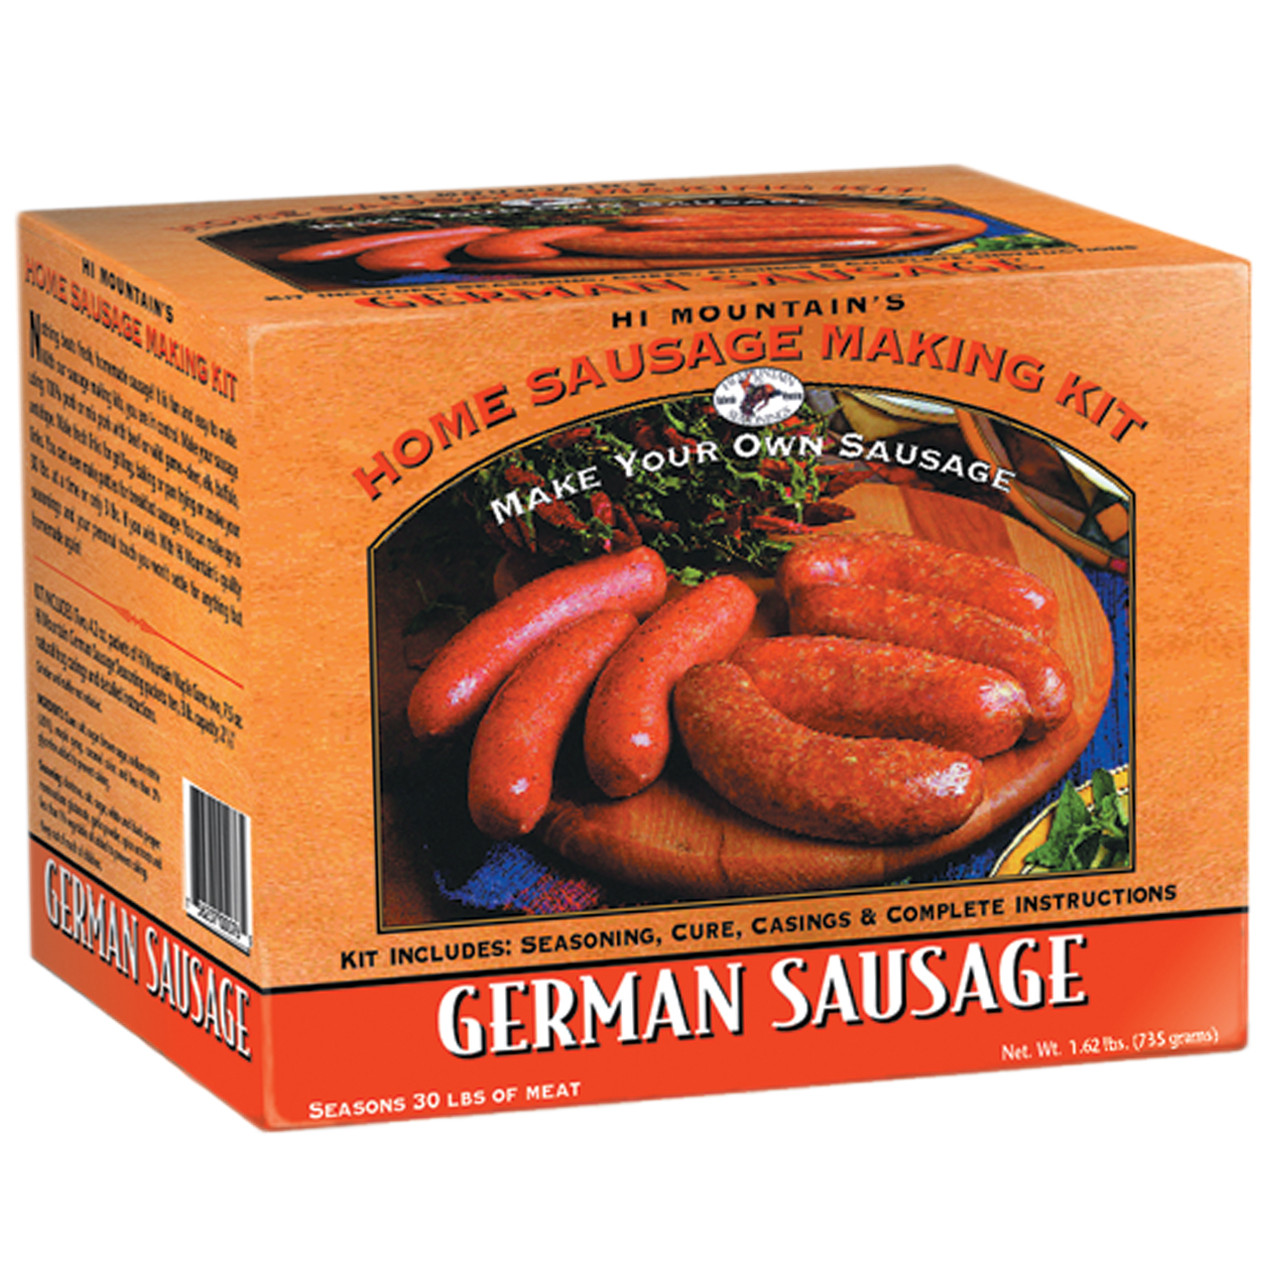 German Sausage Kit